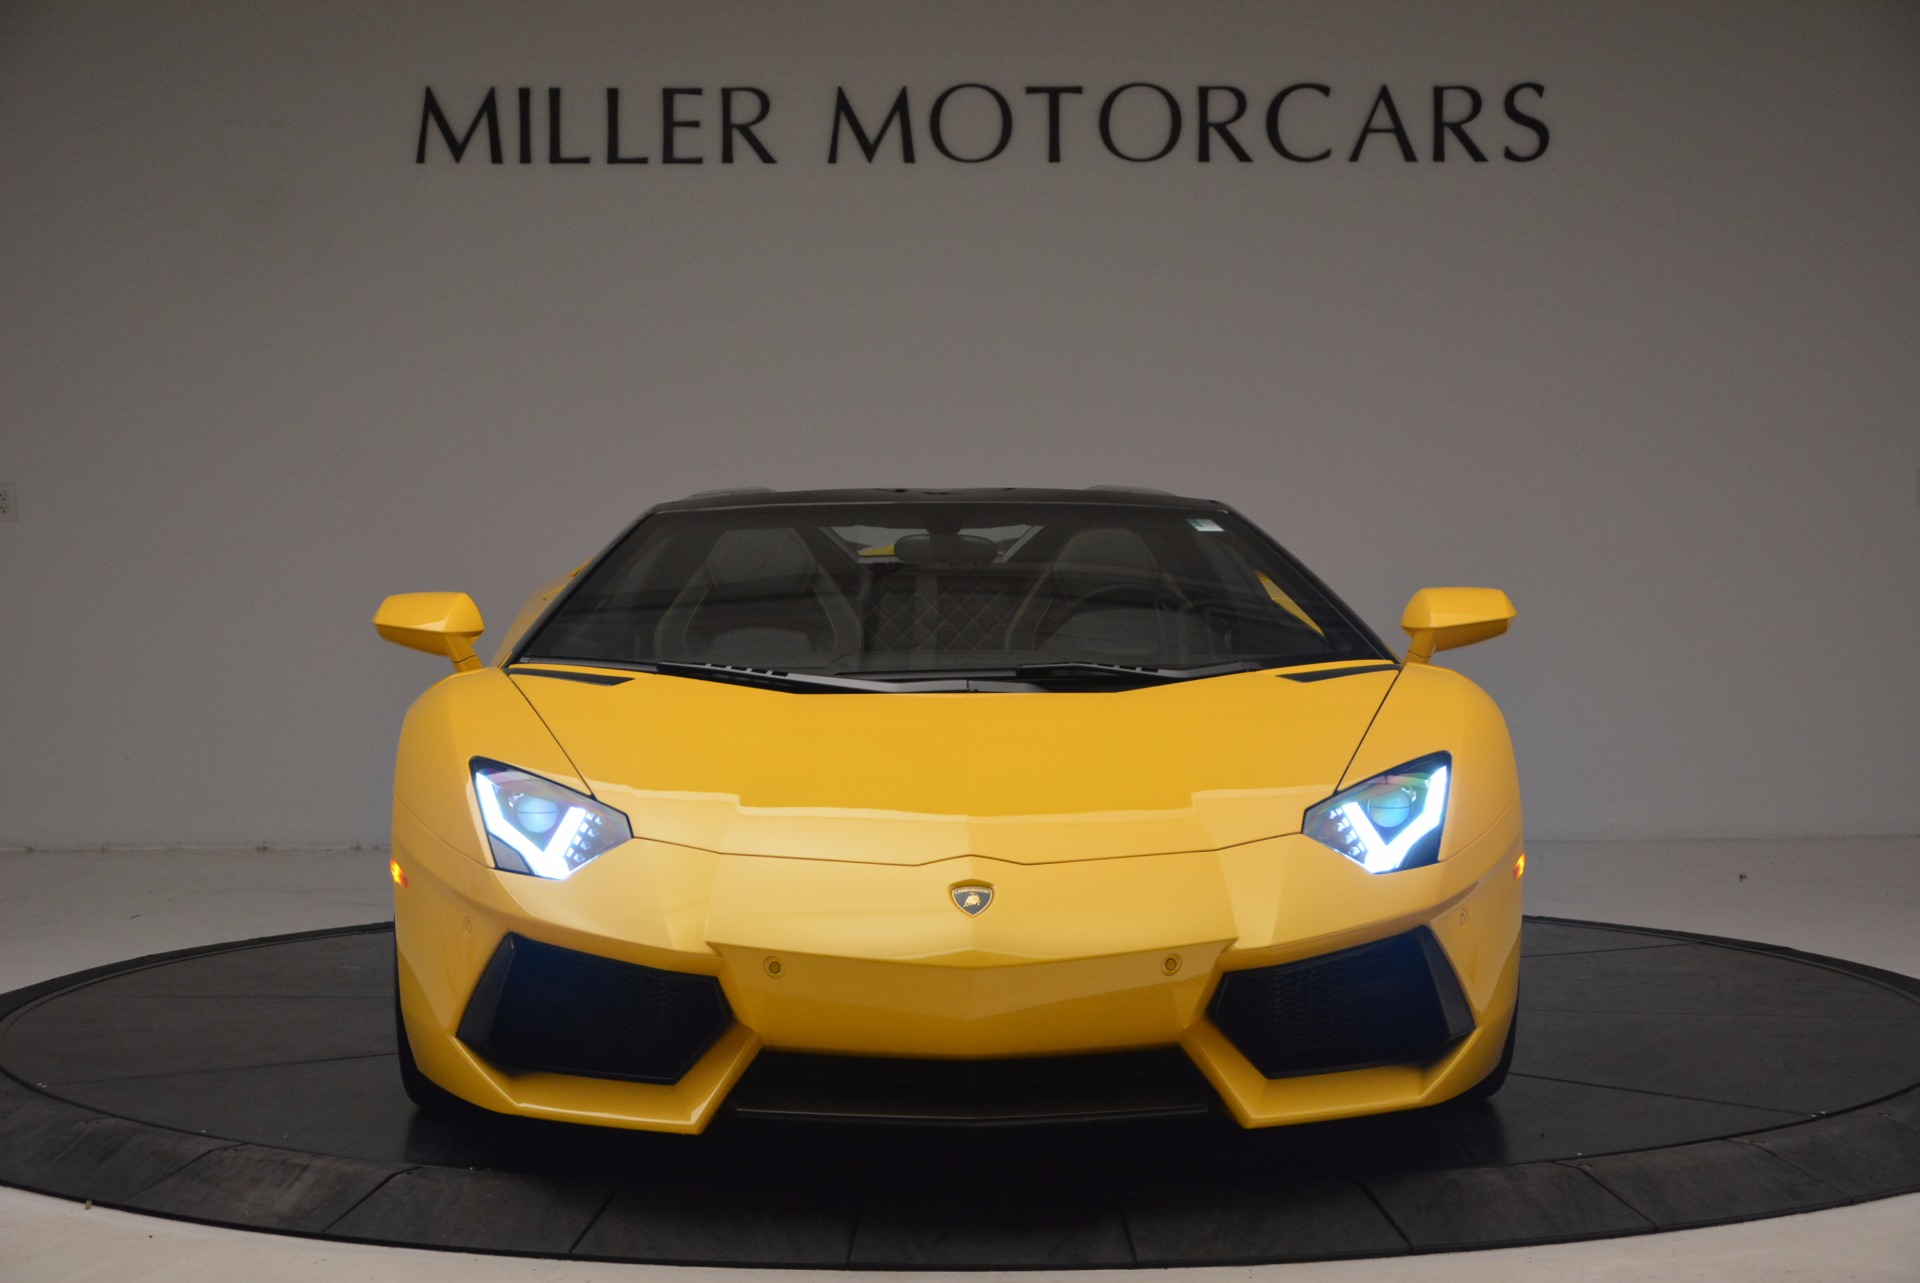 Used 2015 Lamborghini Aventador LP 700-4 Roadster For Sale In Greenwich, CT. Alfa Romeo of Greenwich, 7284 1774_p7